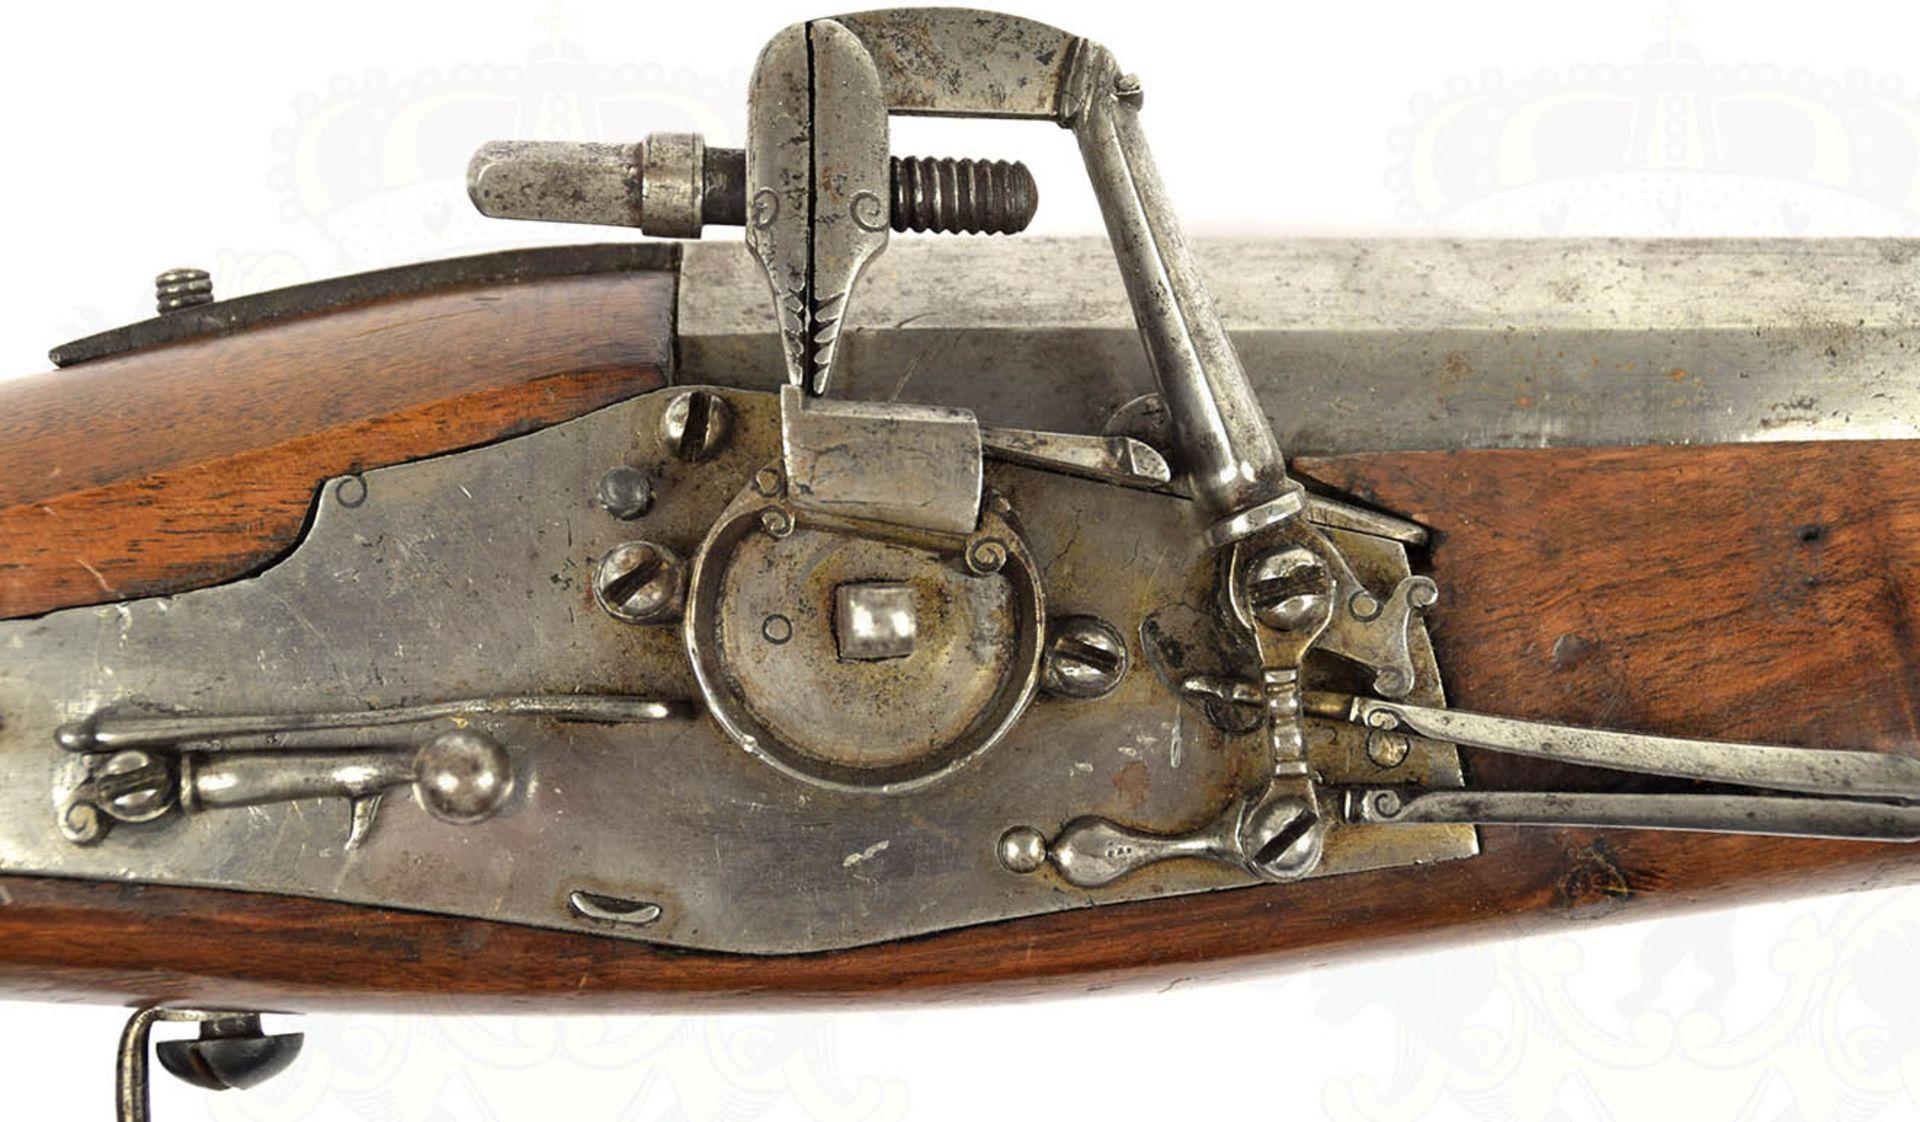 RADSCHLOß-WALLBÜCHSE, schöne, detailgetreue Nachfertigung eines Modells um 1700, eiserner, etwa - Bild 5 aus 9